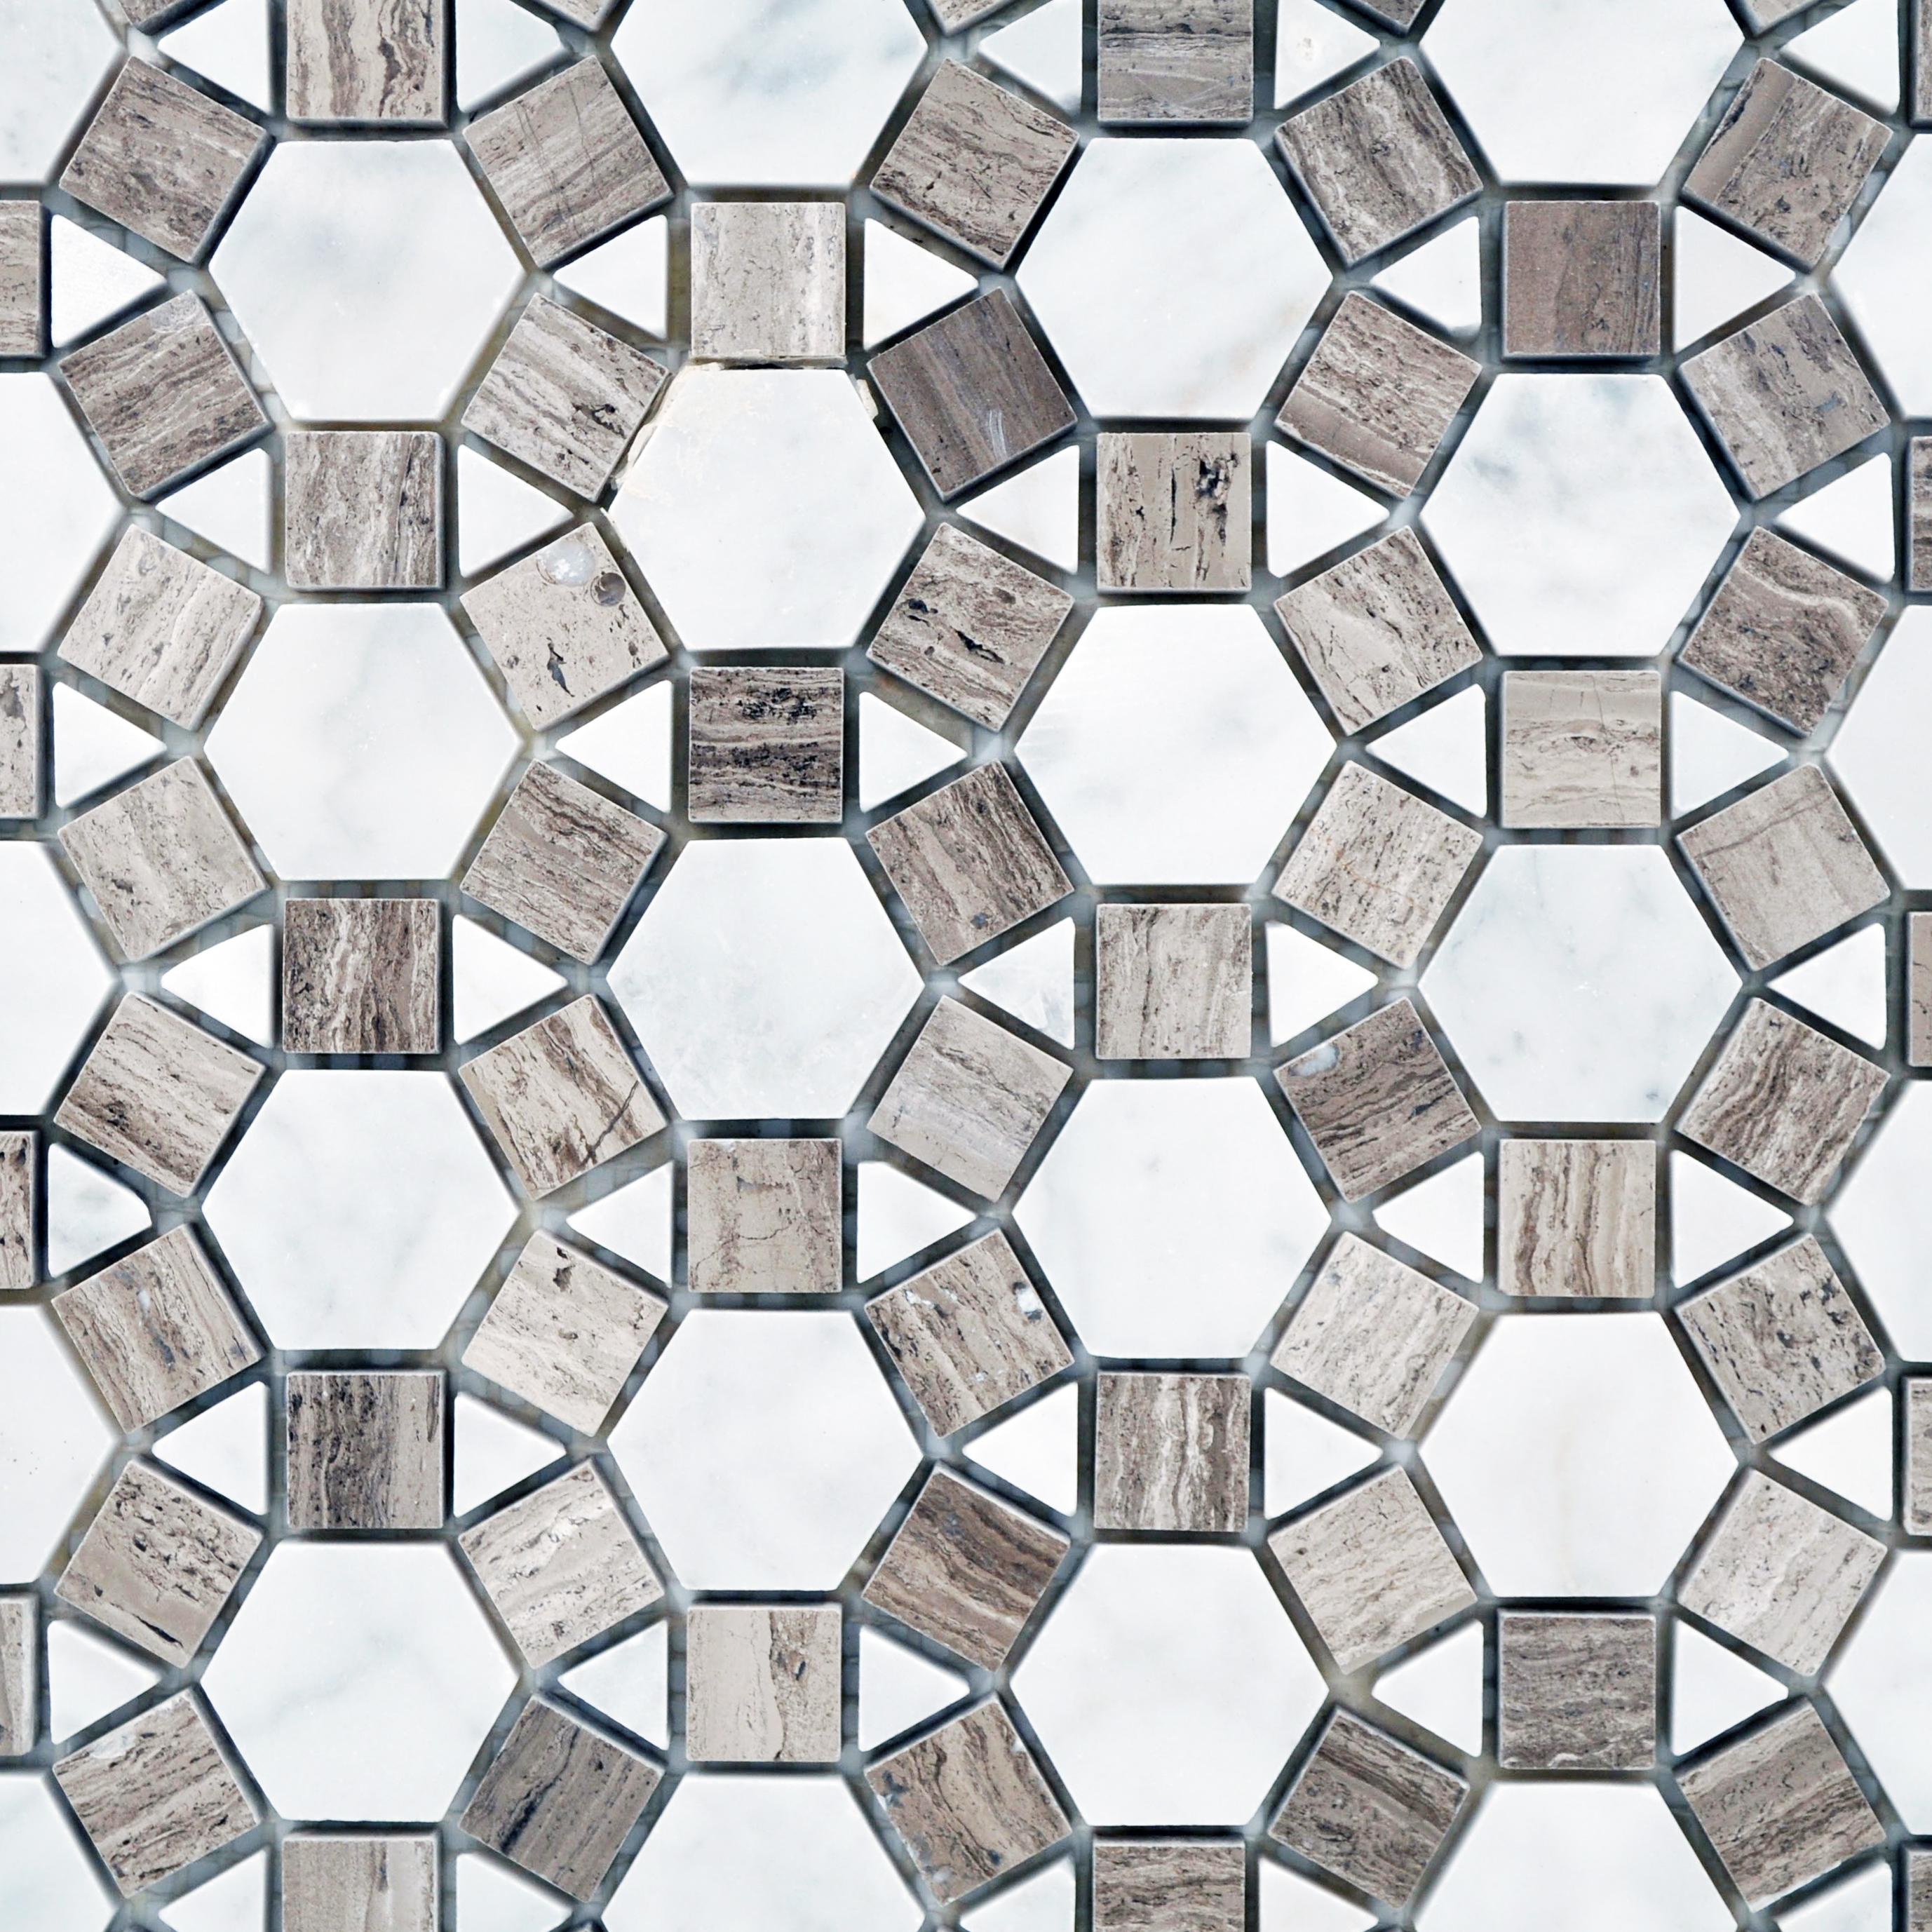 Sunflower carrara wood vein grey bella casa tile collection for Bella casa tiles